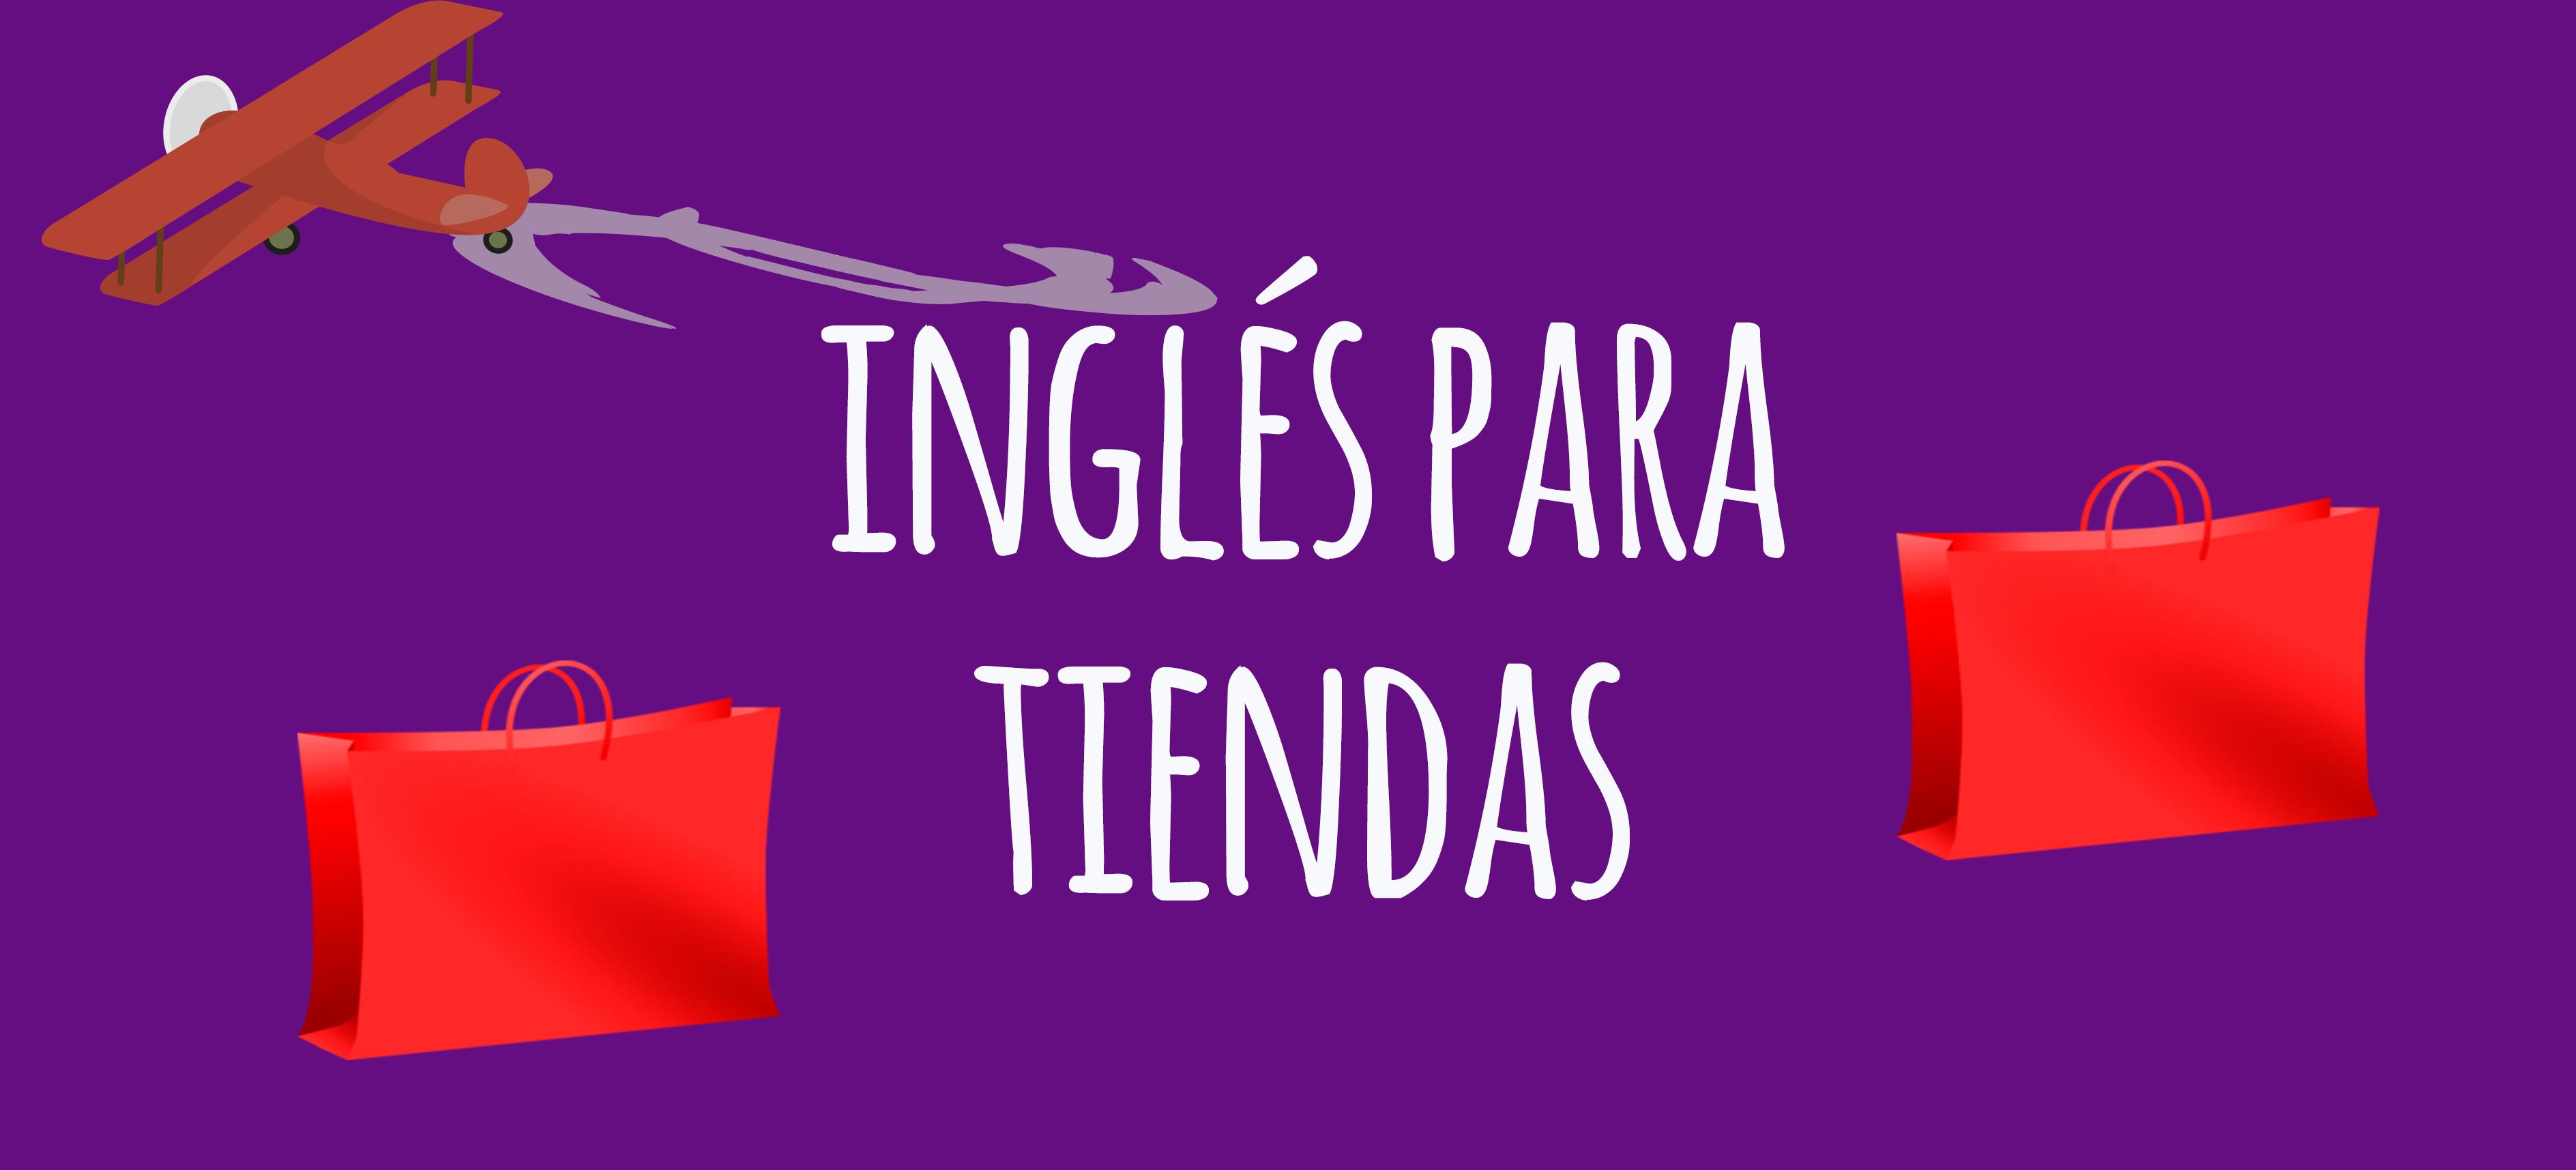 efc9fd795 INGLÉS PARA TIENDAS - El Blog de Idiomas